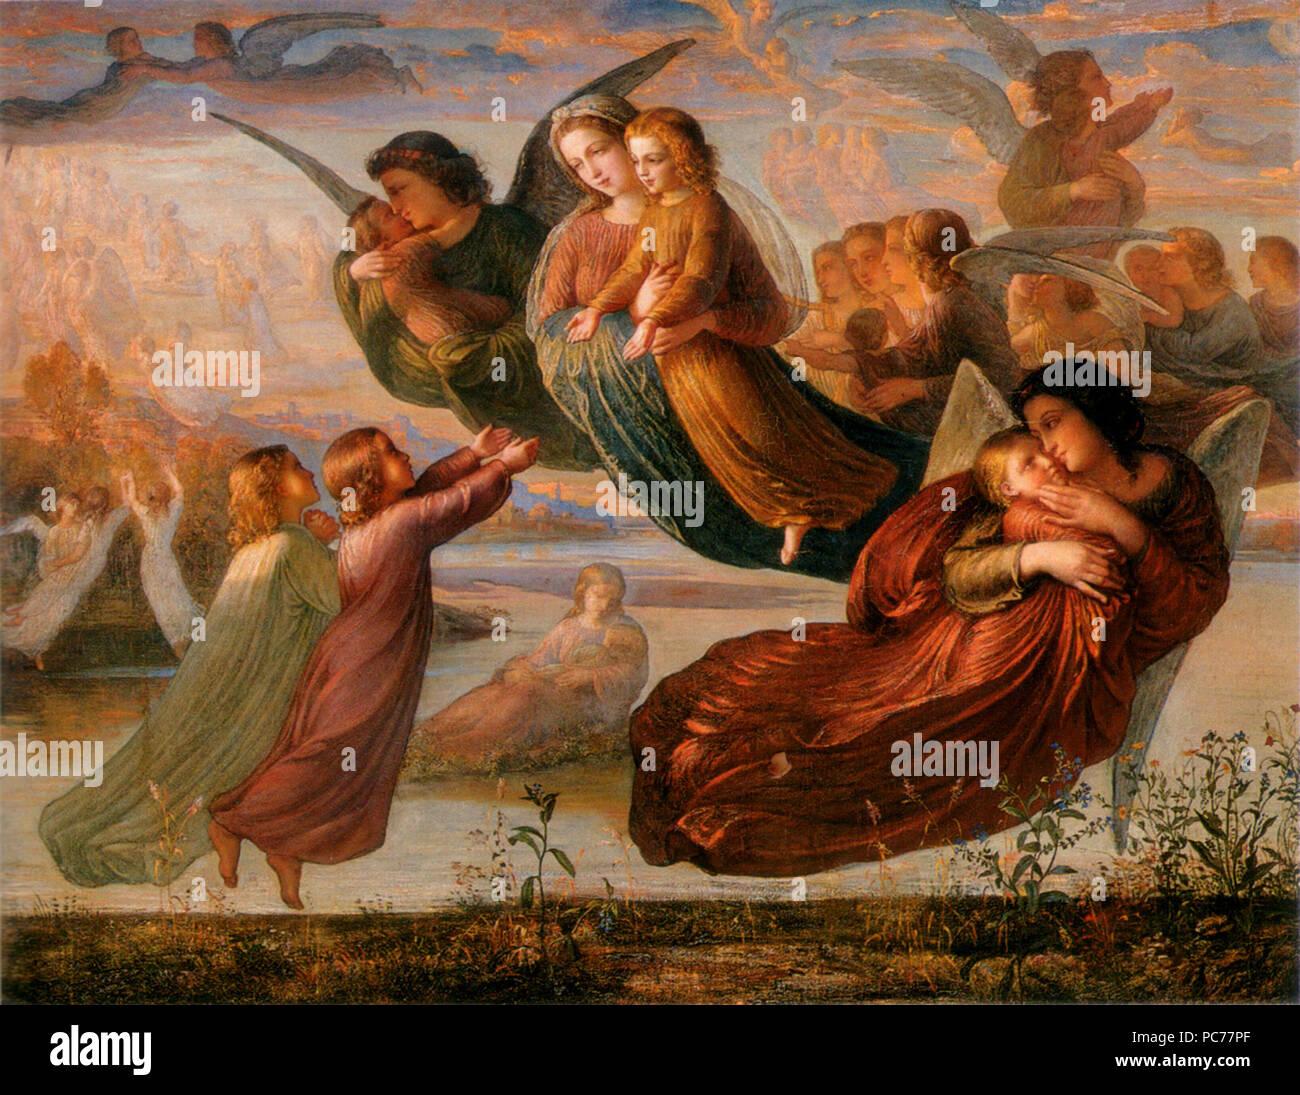 Louis Janmot Le Poème de l'âme Mémoire Souvenirs du ciel du ciel, huile sur toile 113 x 143 Musée des Beaux-Arts de Lyon, inv. 1968-161 Dans une vaste Paine, au bord d'un fleuve, il rêve qu'il marche tout joyeux {...} Tout à coup il entend comme un battement d'ailes, {...} Des Anges radieux aux doux yeux, au front pur, passent en se jouant dans le limpide azur {...} Que ne peut-il, comme eux emporté dans l'espace, {...} vers les cieux reprendre son essor! 377 Louis Janmot - Poème de l'âme 5 - Souvenir du ciel Photo Stock